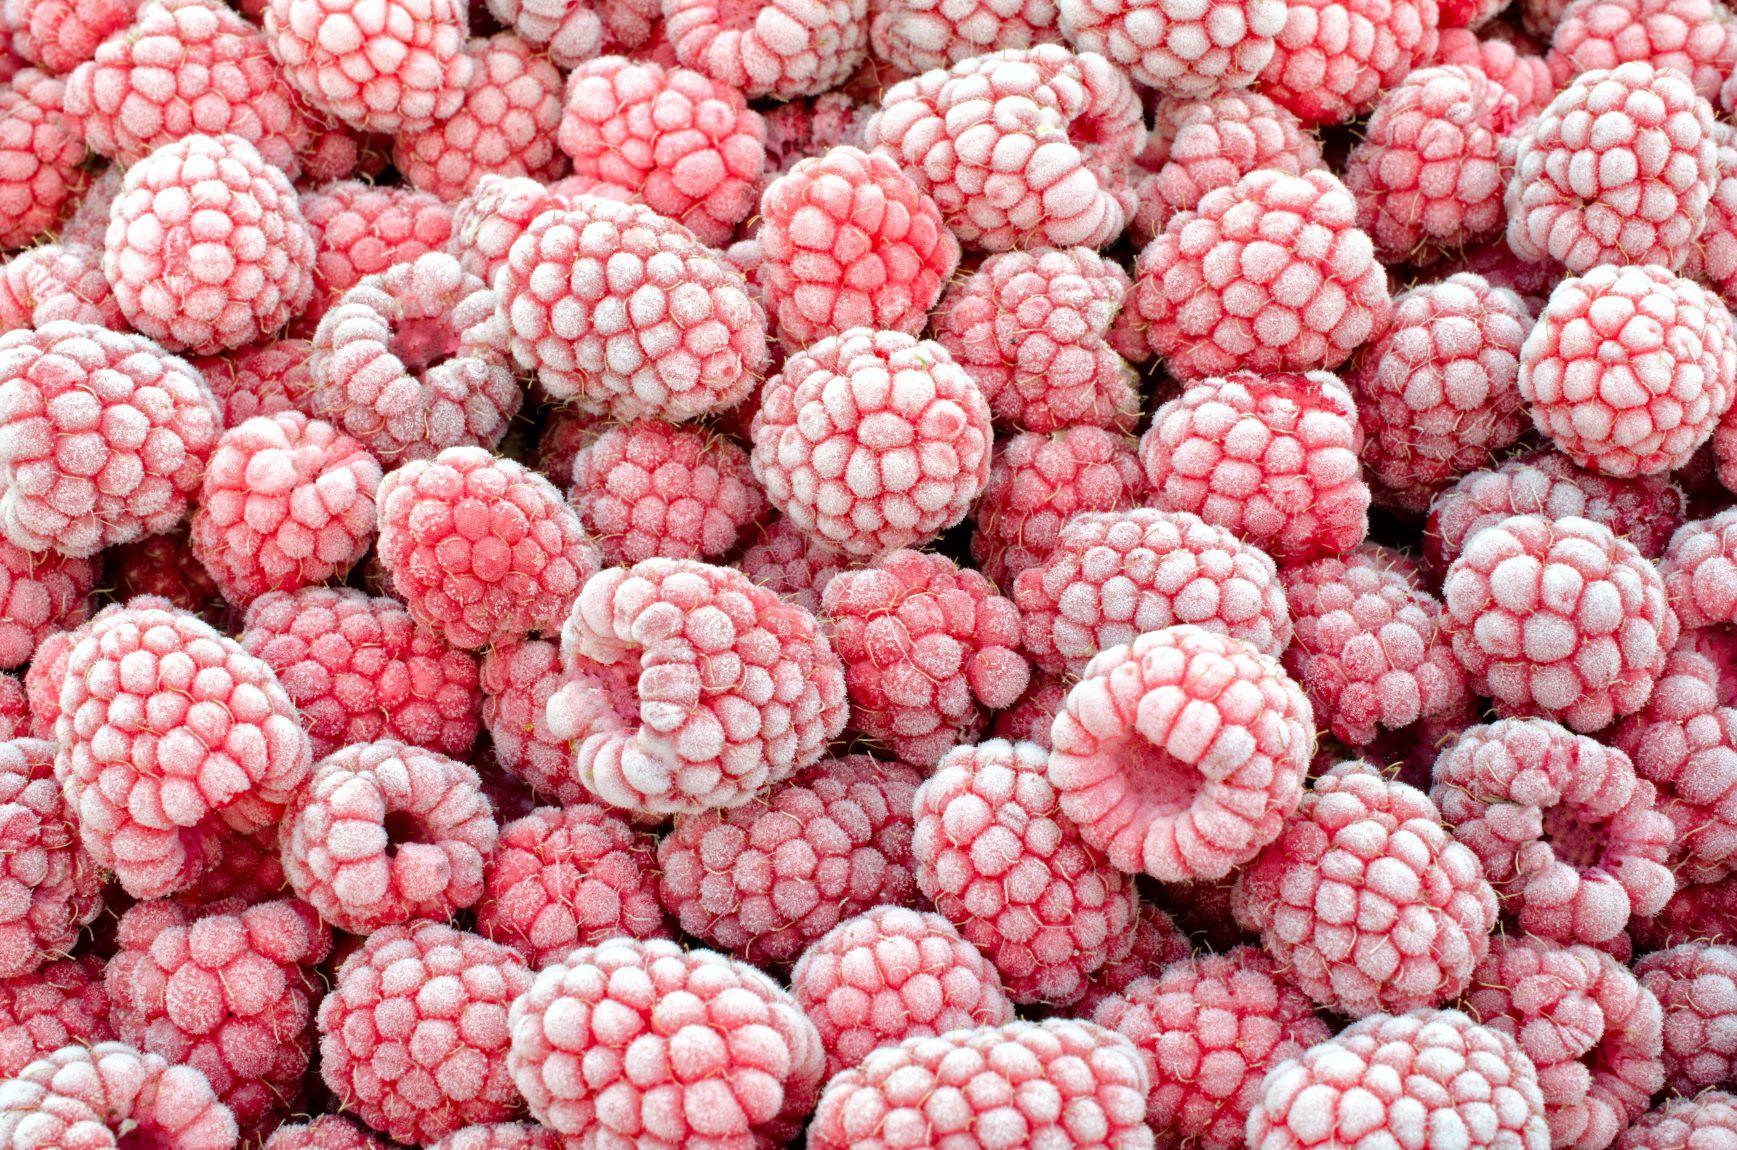 Tutta la verità nient'altro che la verità sulle proprietà di frutta e verdura surgelate